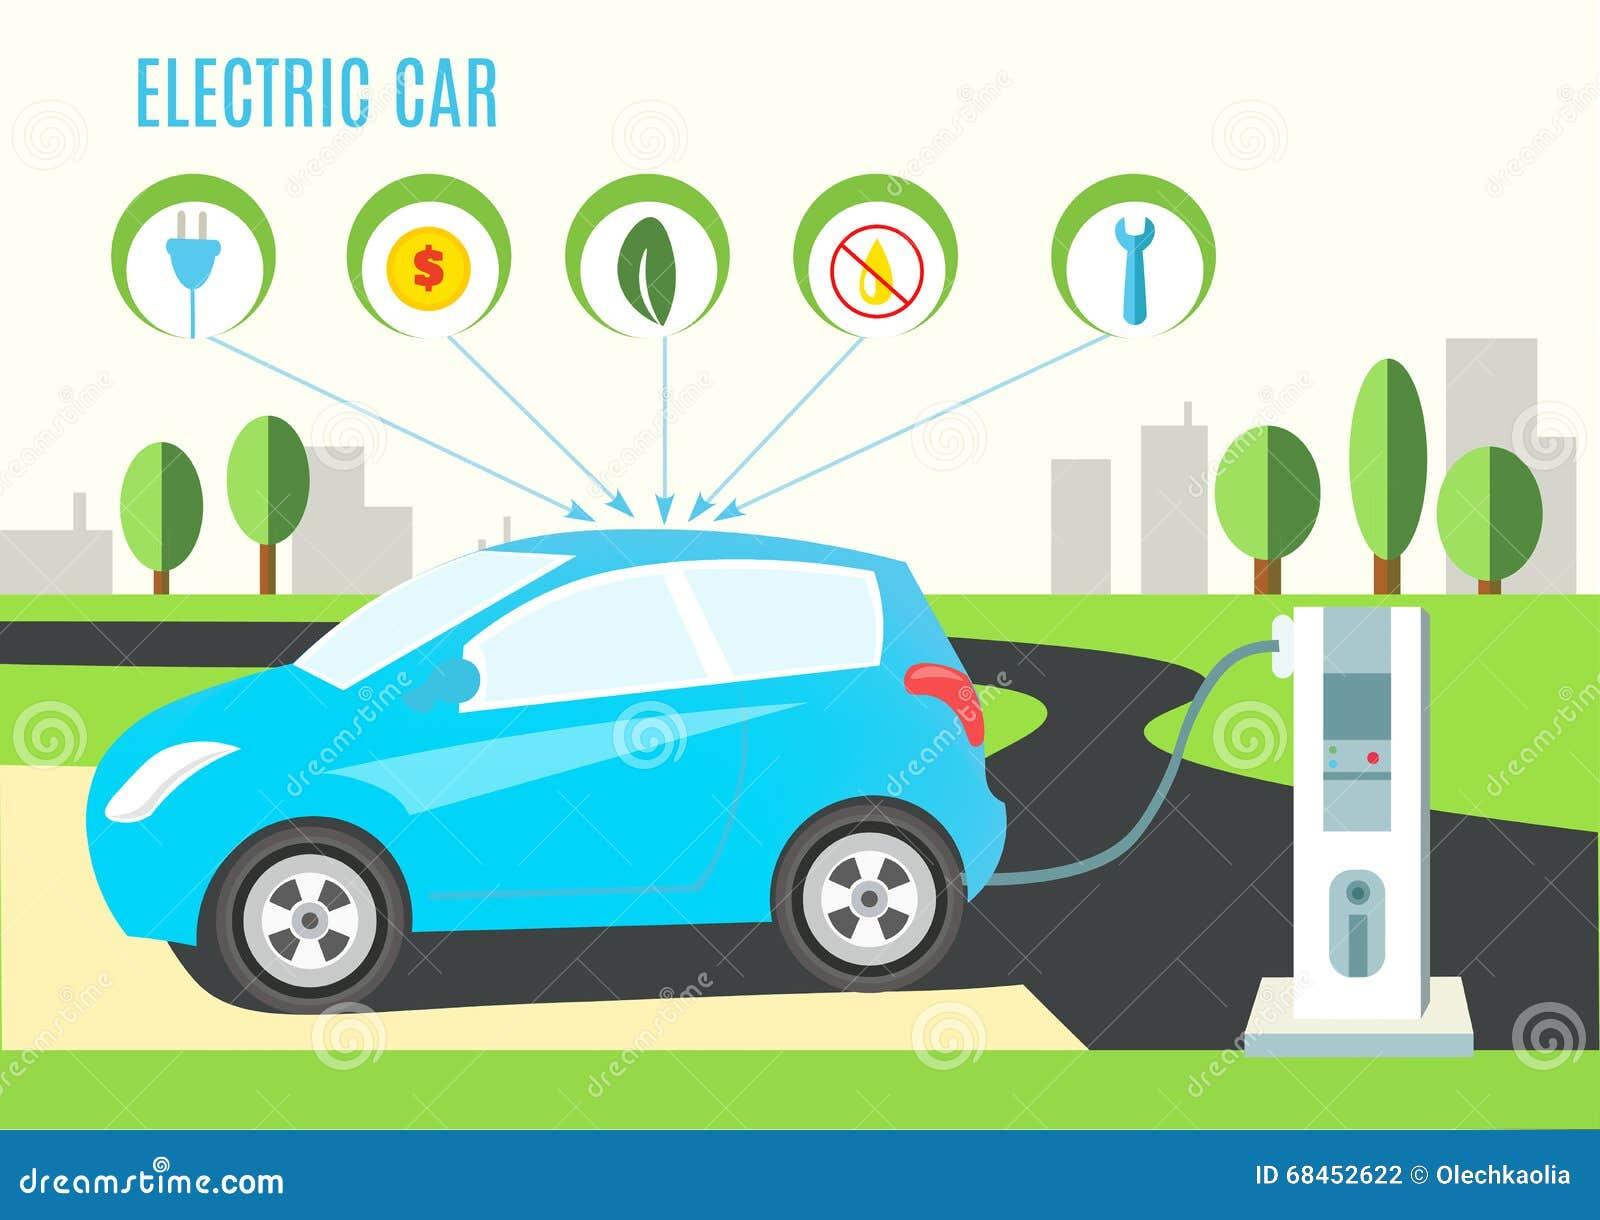 Elektrische Blauwe Hybride Auto Het Laden Illustratie Op Het Weg En